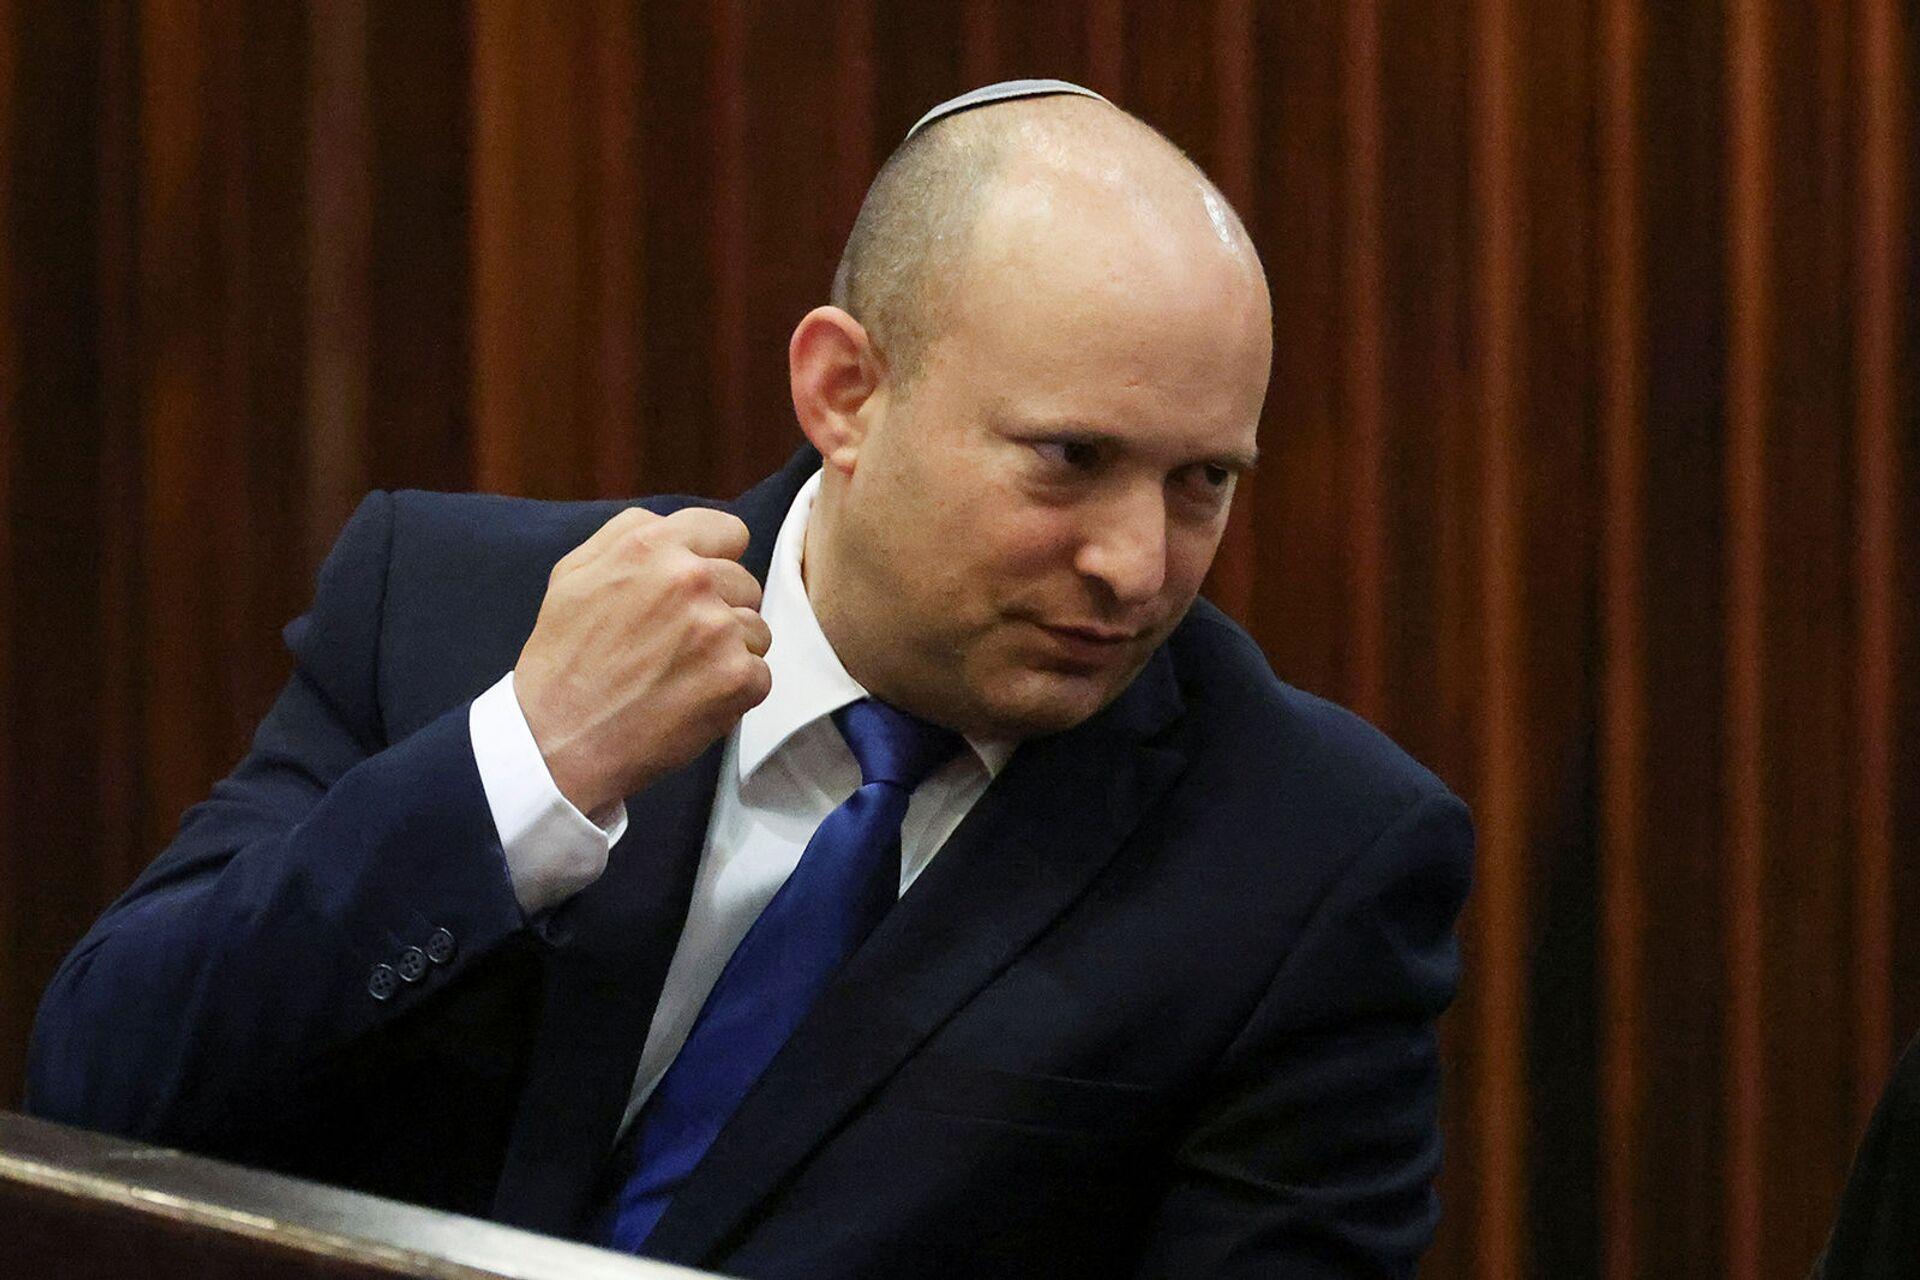 Խորհրդարանում ընդամենը 7 մանդատ ունեցողն էլ կարող է վարչապետ դառնալ. Իսրայելի օրինակը - Sputnik Արմենիա, 1920, 04.06.2021